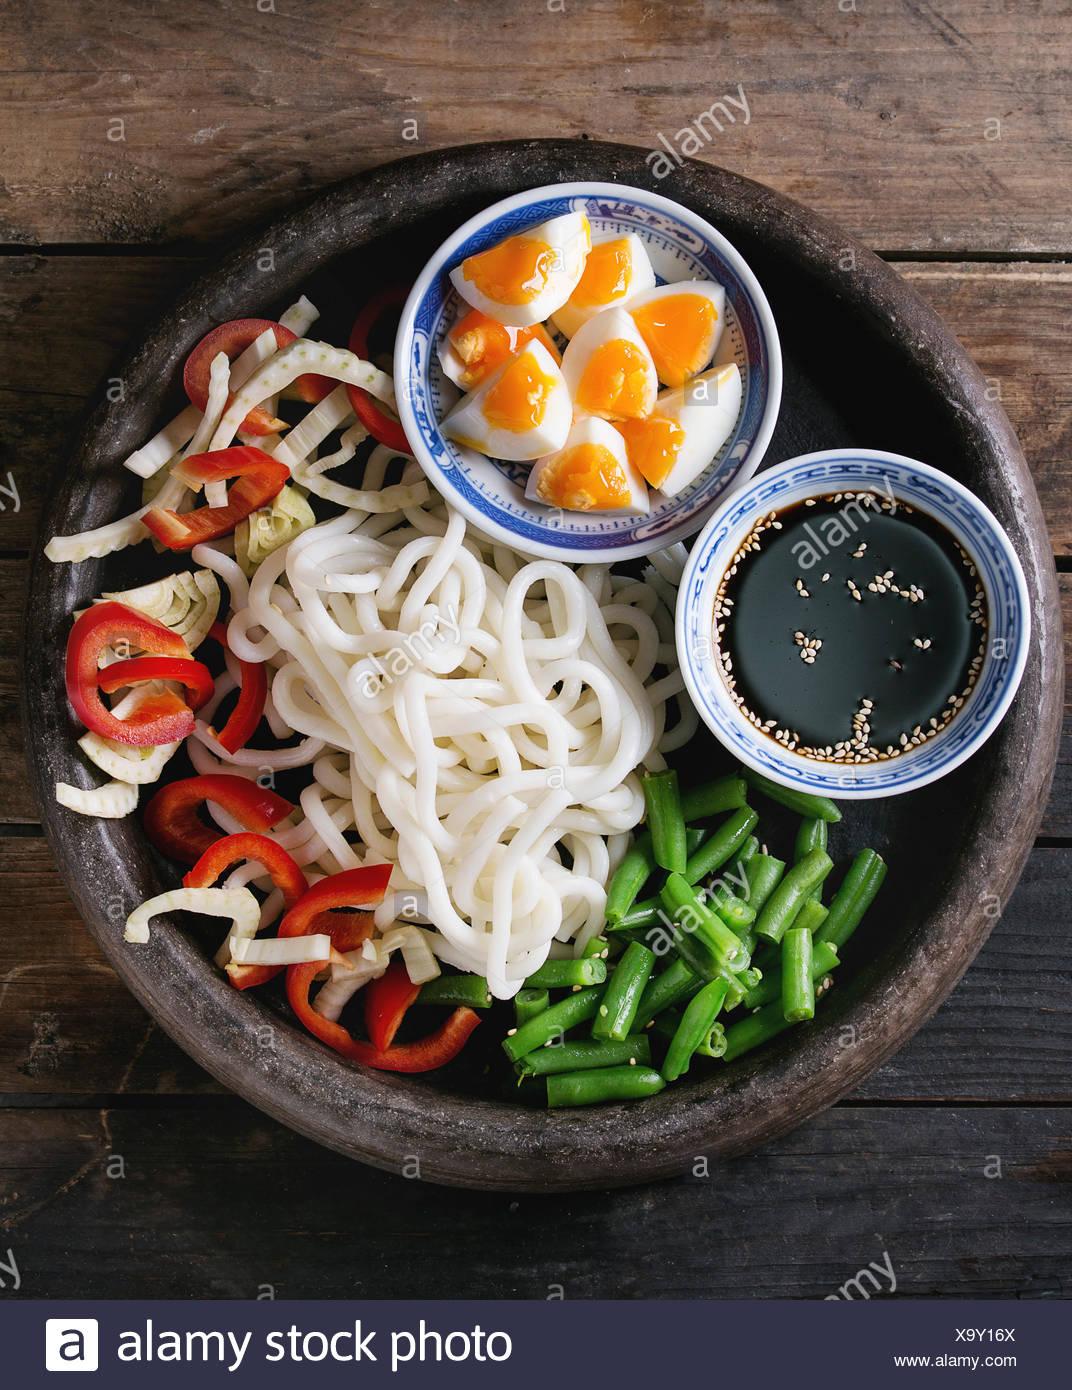 Ingrédients pour la cuisson faire revenir les nouilles Udon, haricots verts, tranchés paprika, œufs durs, de la sauce de soja avec les graines de sésame dans des bols traditionnels dans terracott Banque D'Images